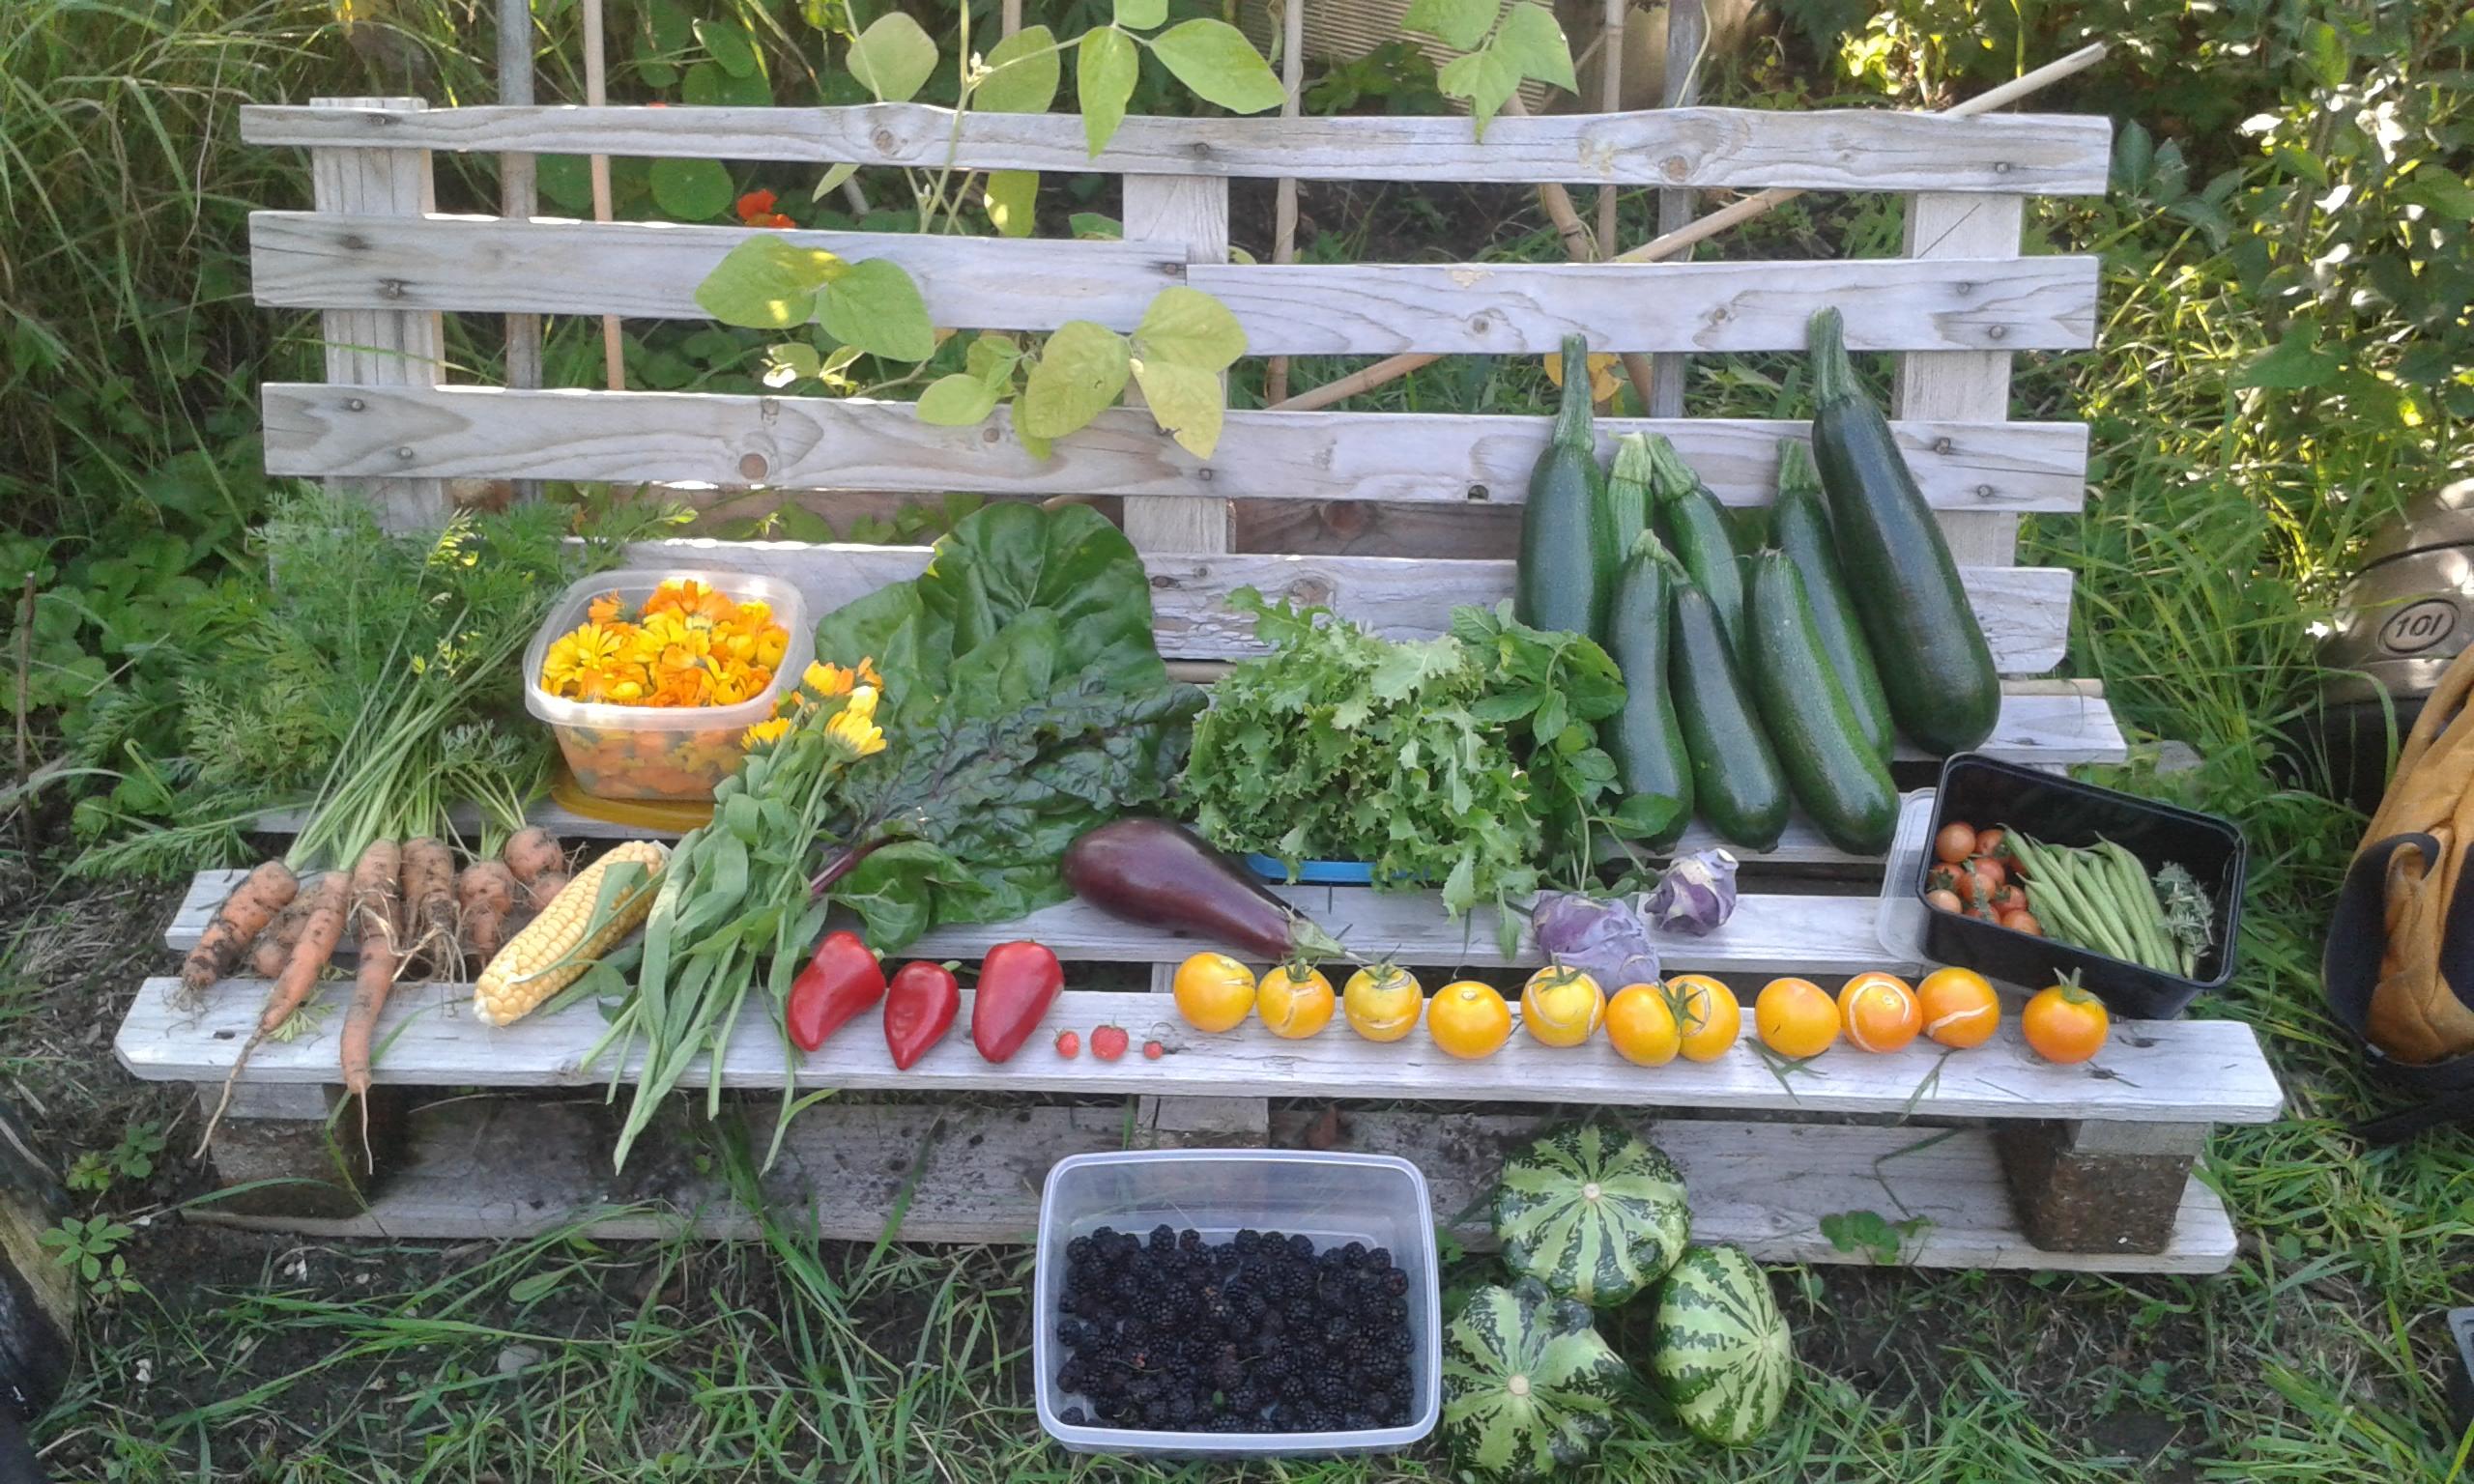 Belated but beloved foods (and harvest!)